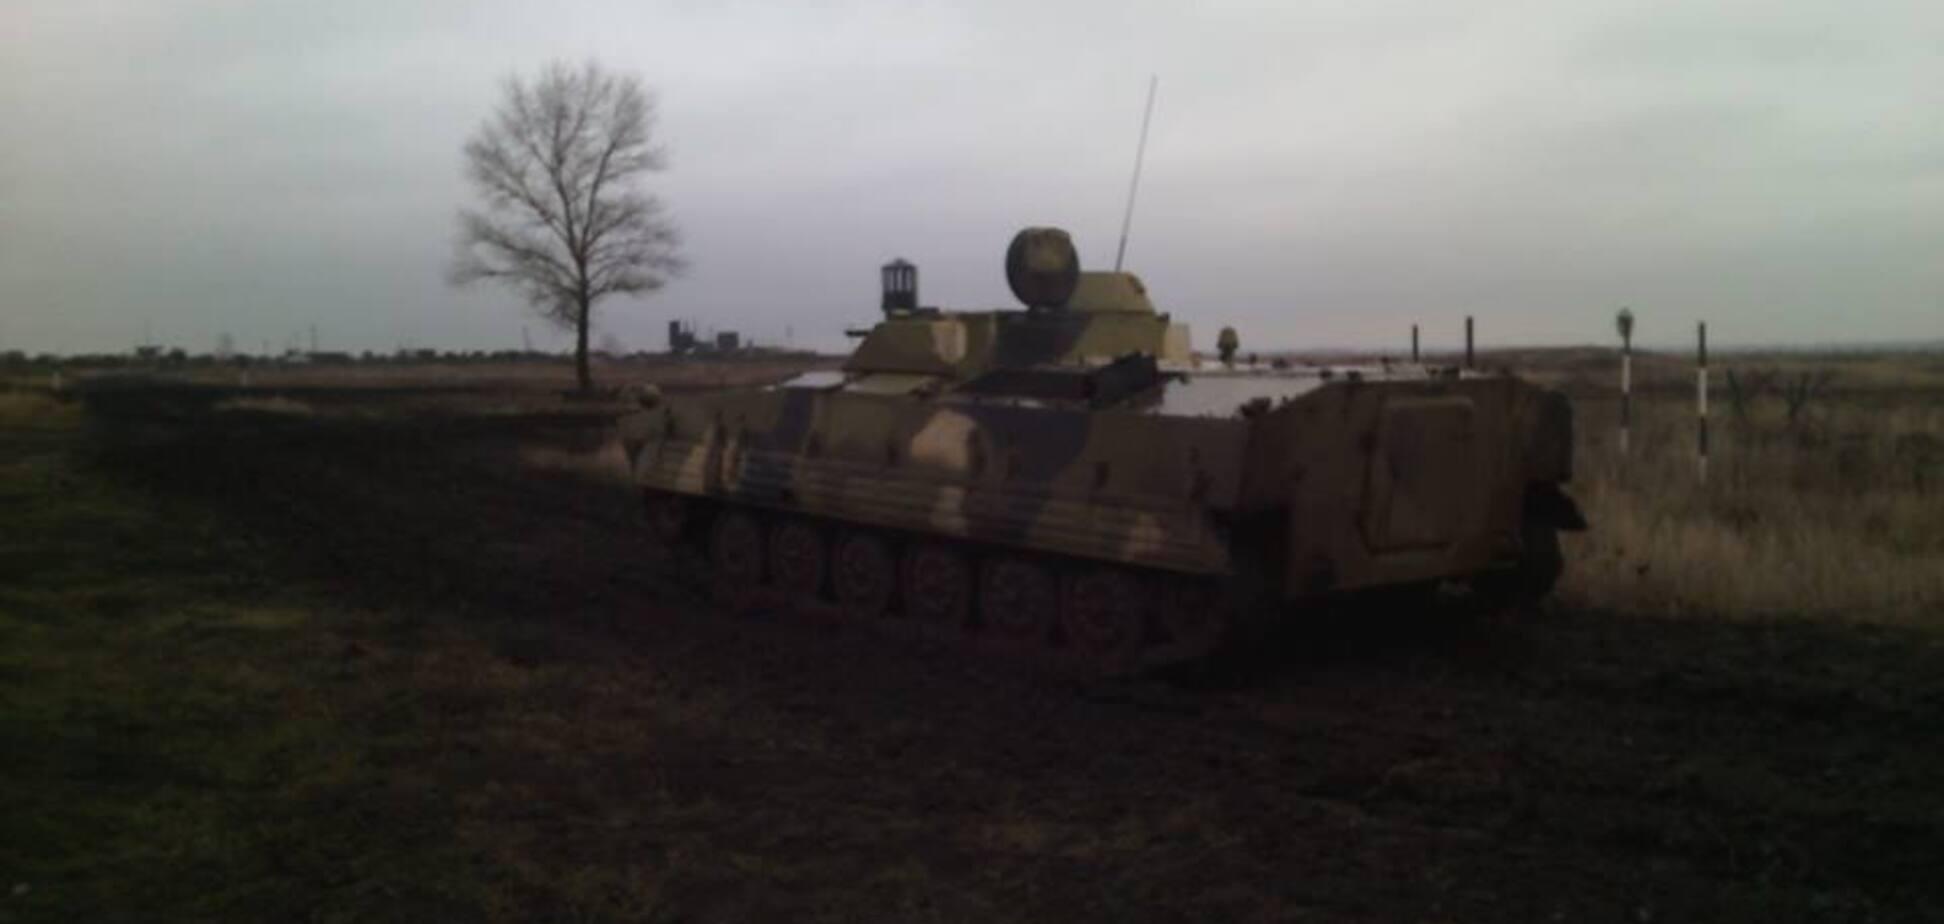 Не так страшен танк, как его пьяный экипаж